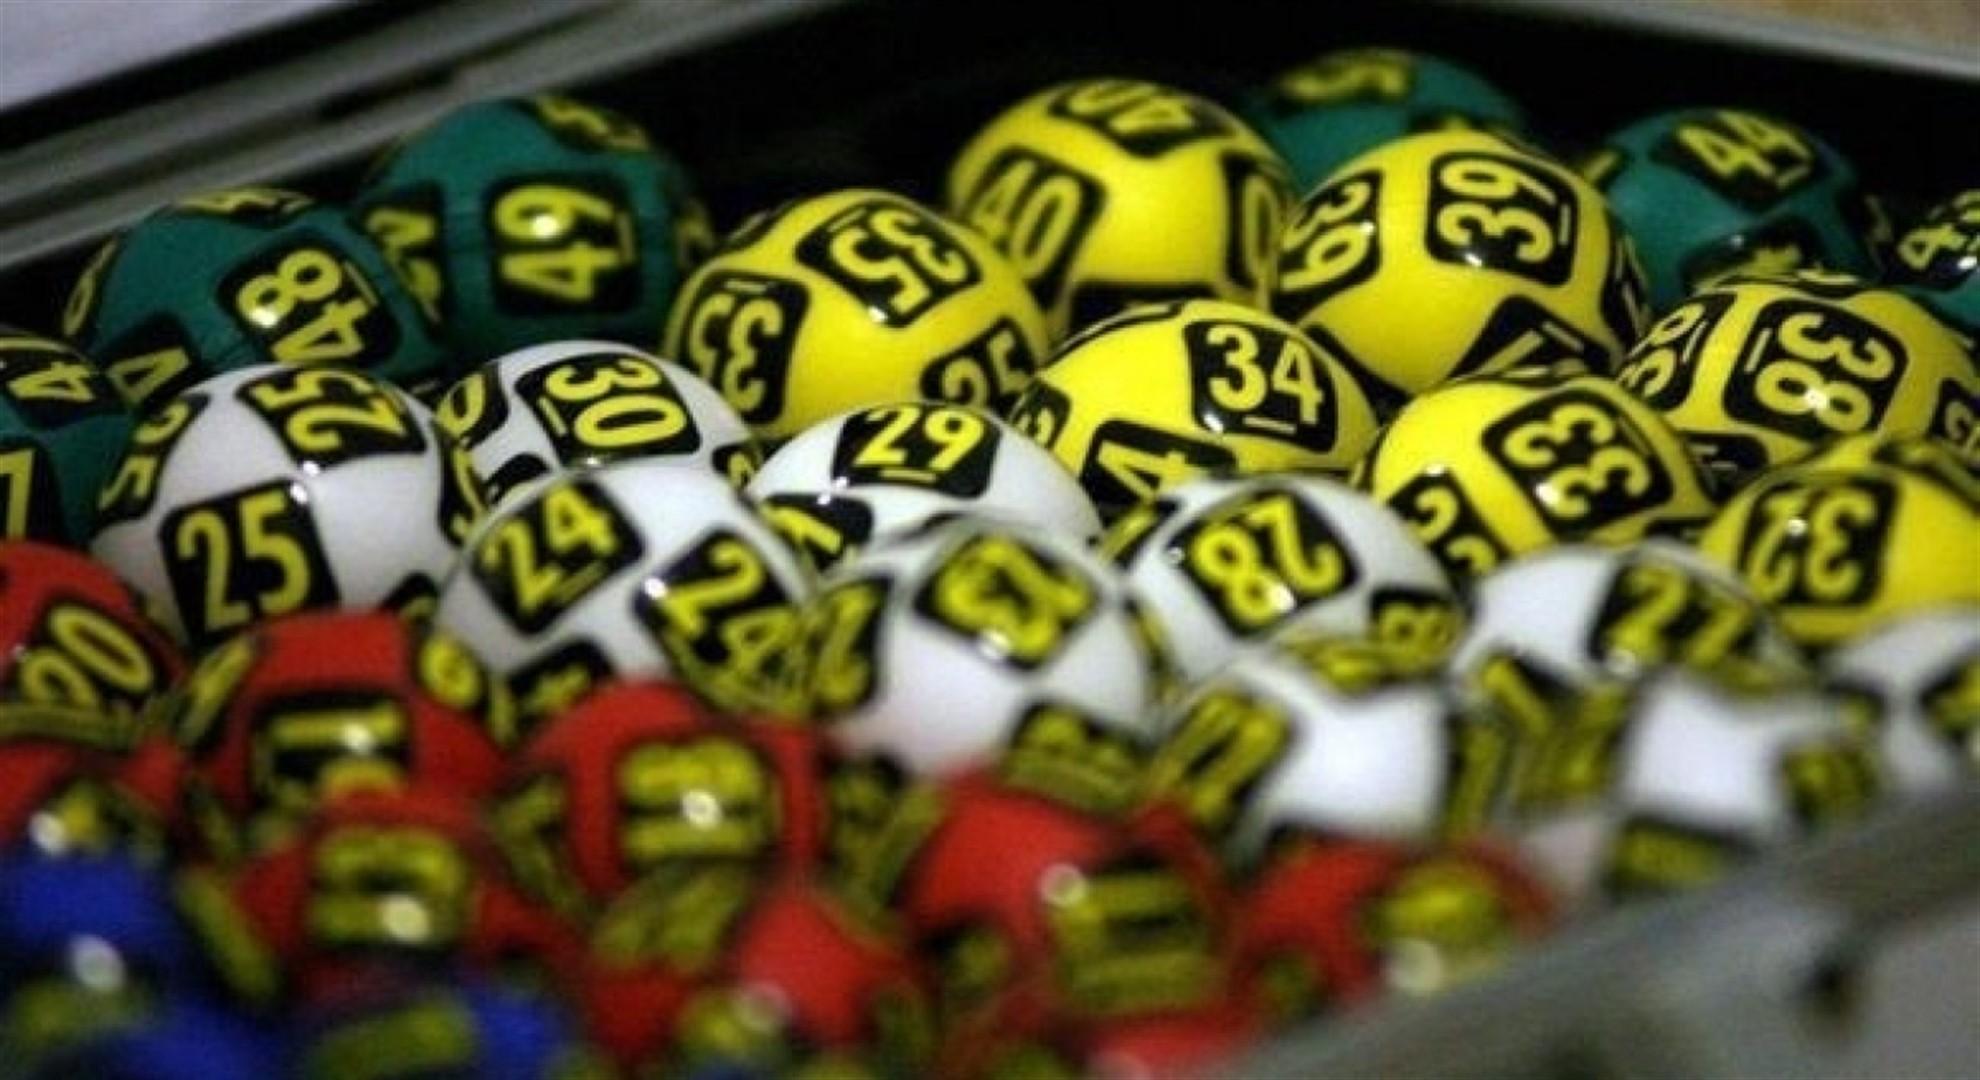 Loto 6/49 și restul jocurilor se mută în online. Când va avea loc prima extragere